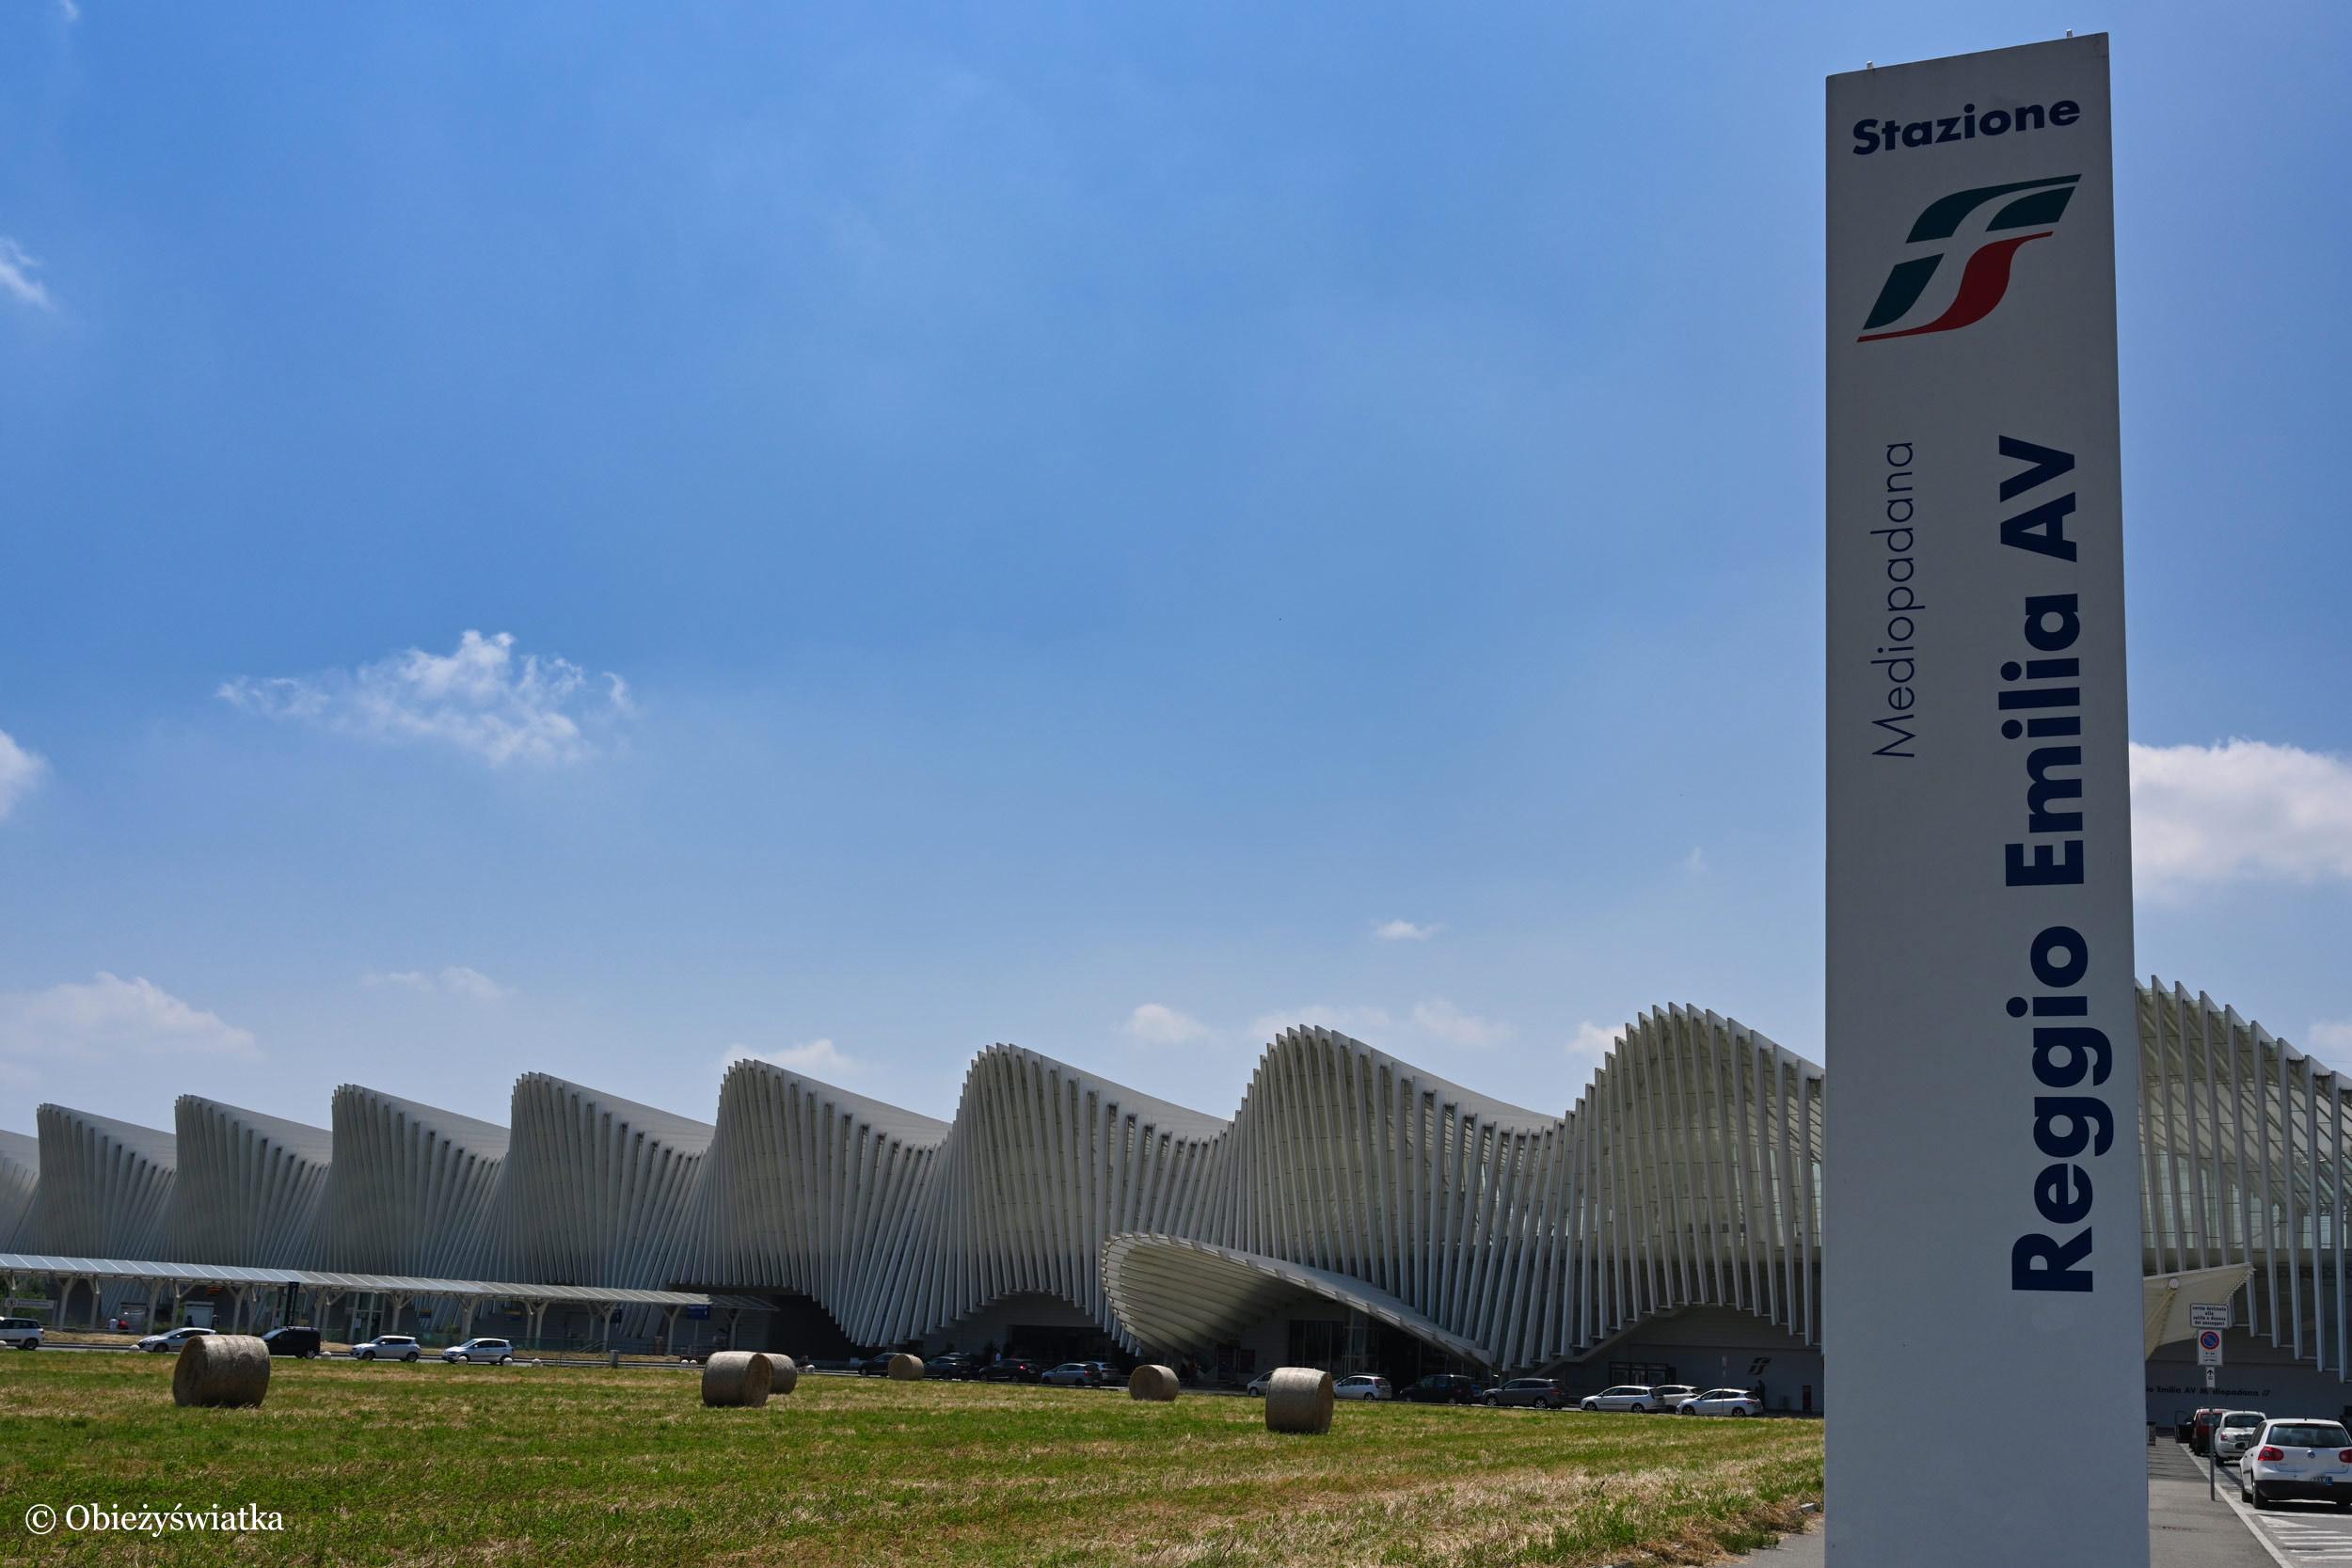 Dworzec kolejowy - Mediopadana